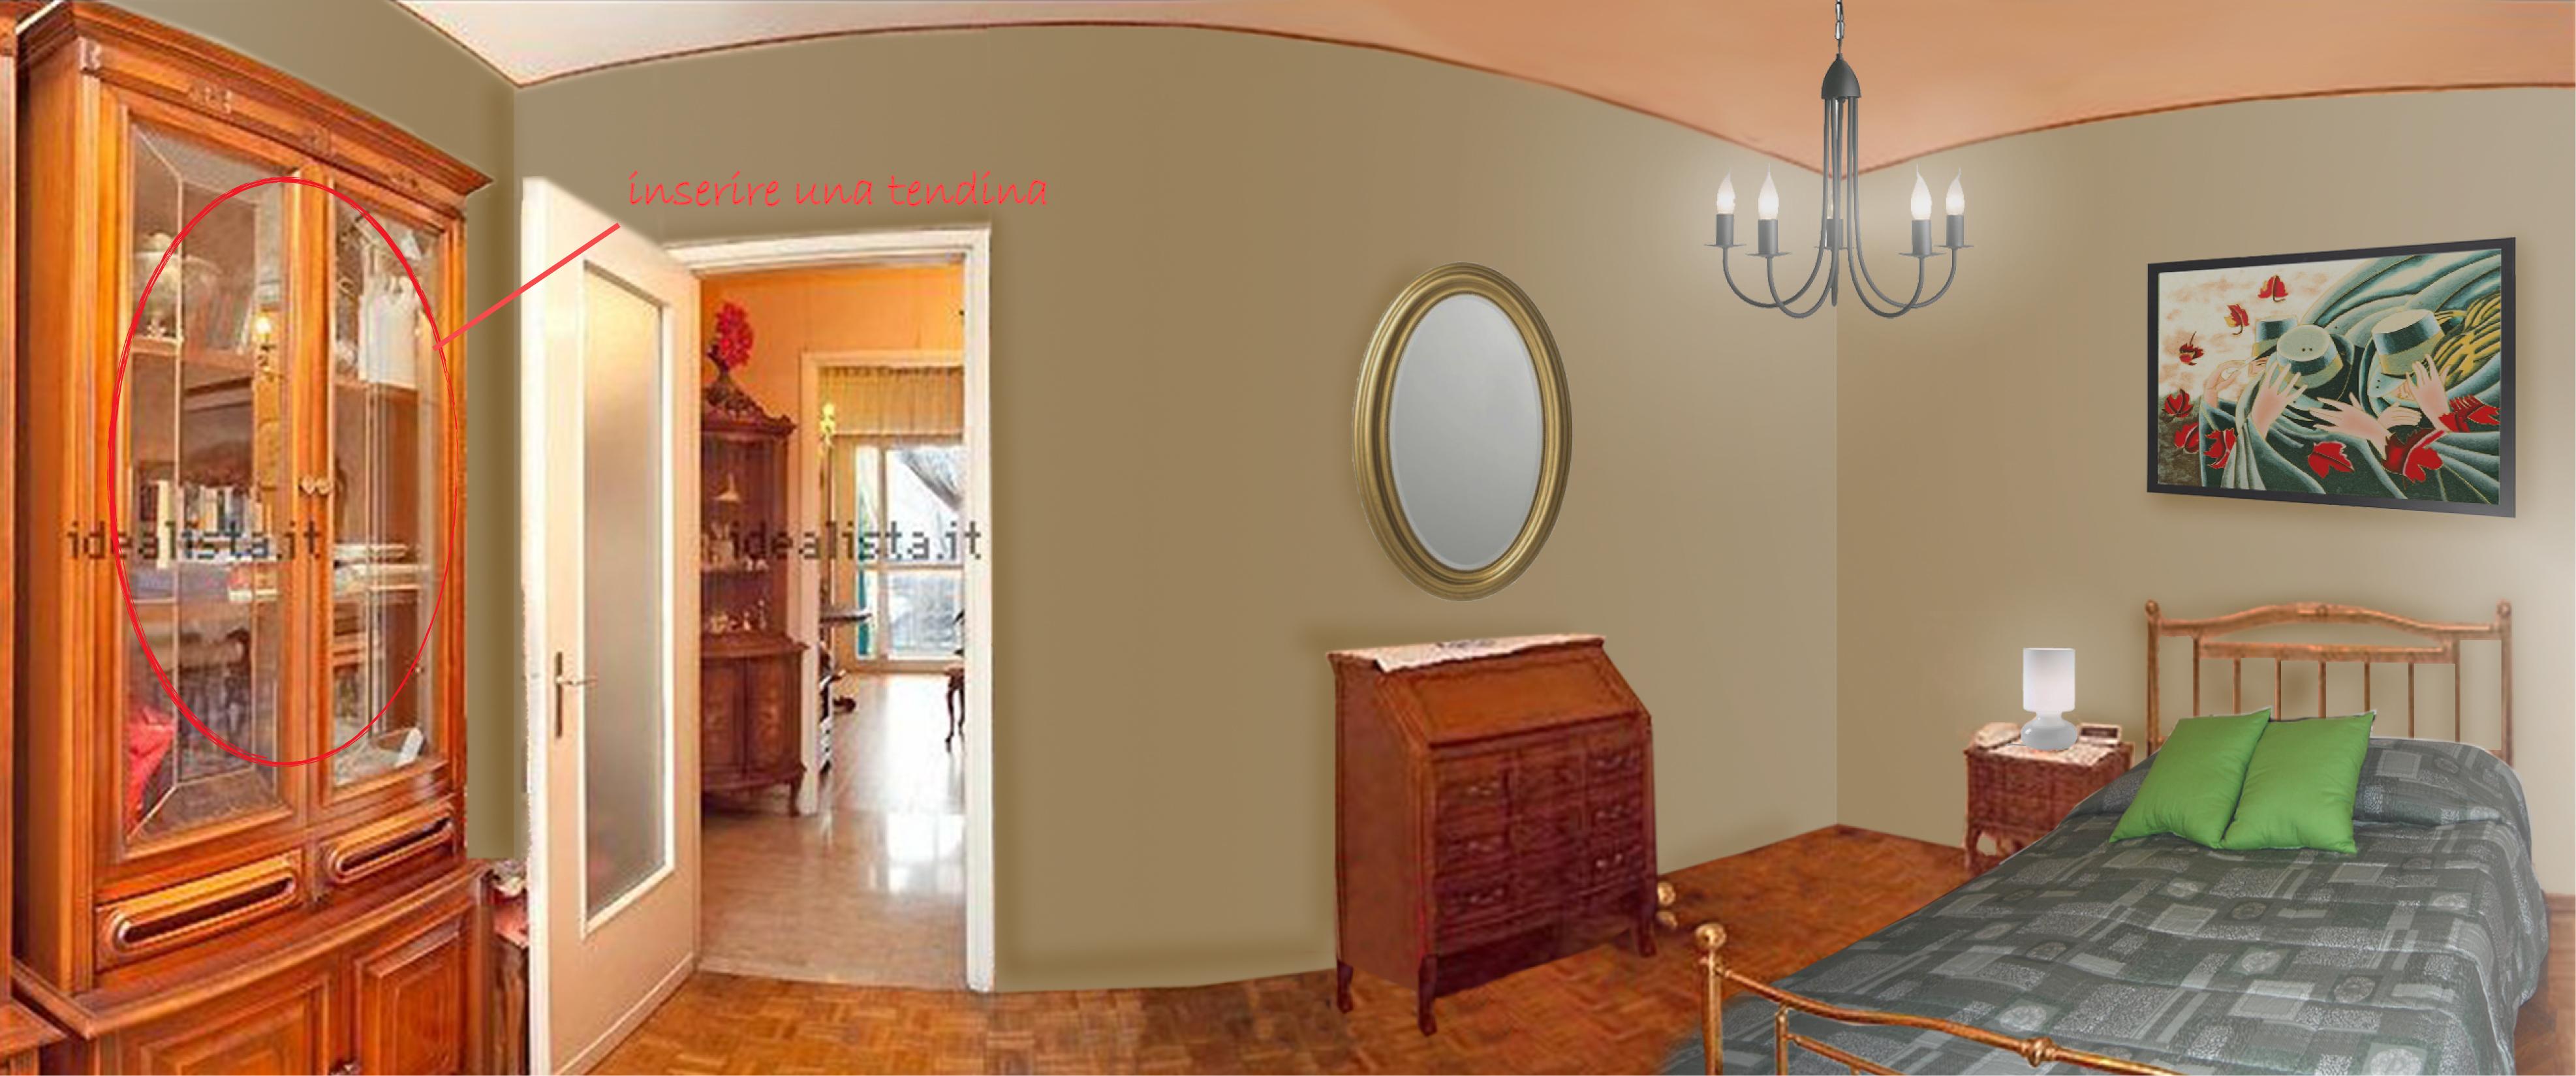 Home staging: come far risaltare il tipico appartamento italiano (fotogallery...